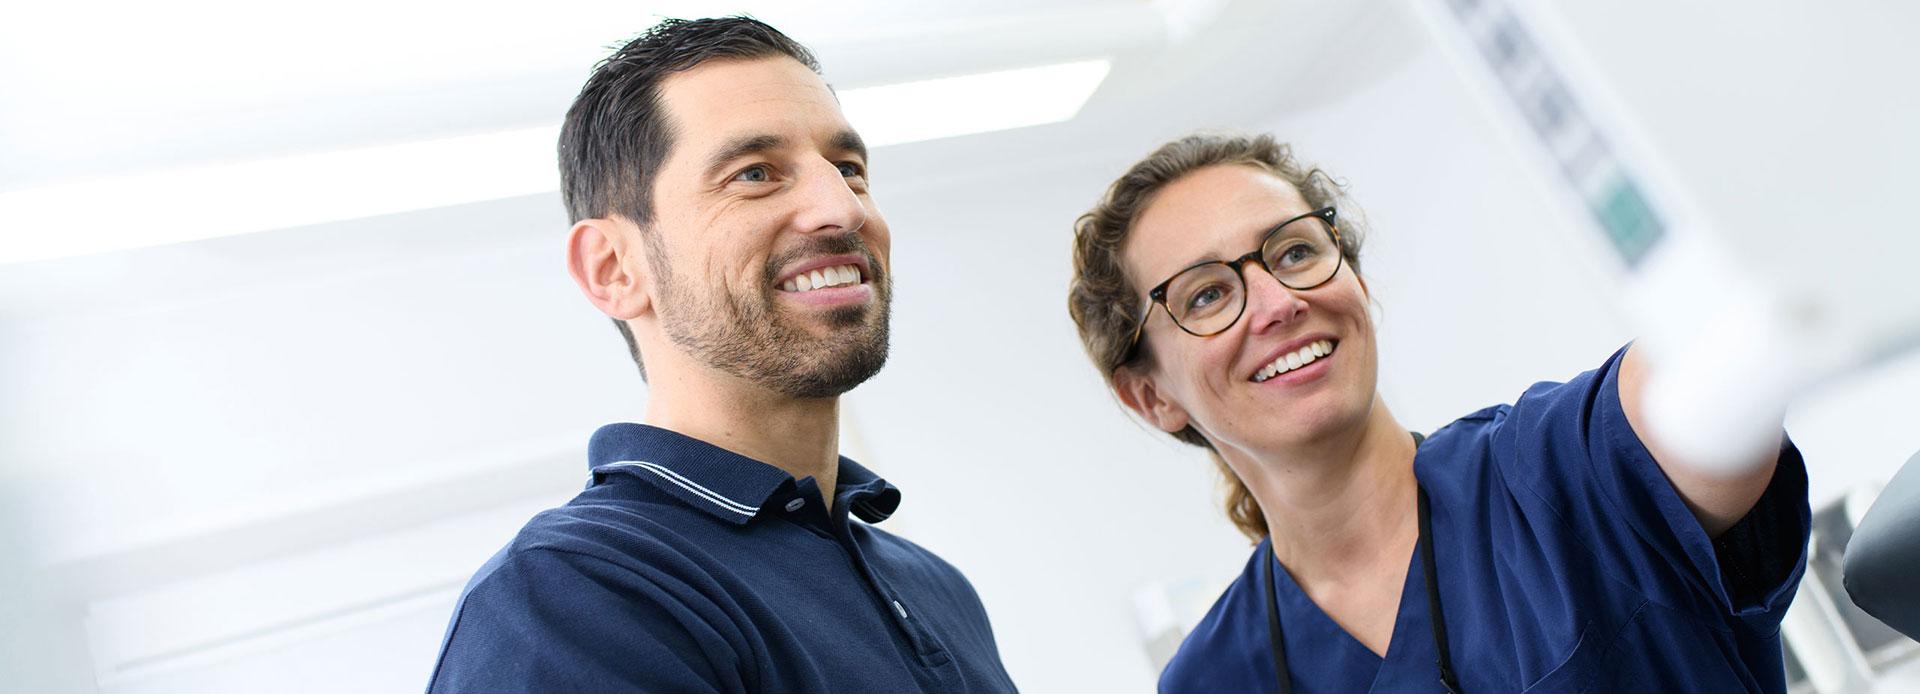 dr schirmer zahnarzt schifferstadt behandlungsspektrum header - Praxis Dres. Schirmer - Zahnärzte Schifferstadt